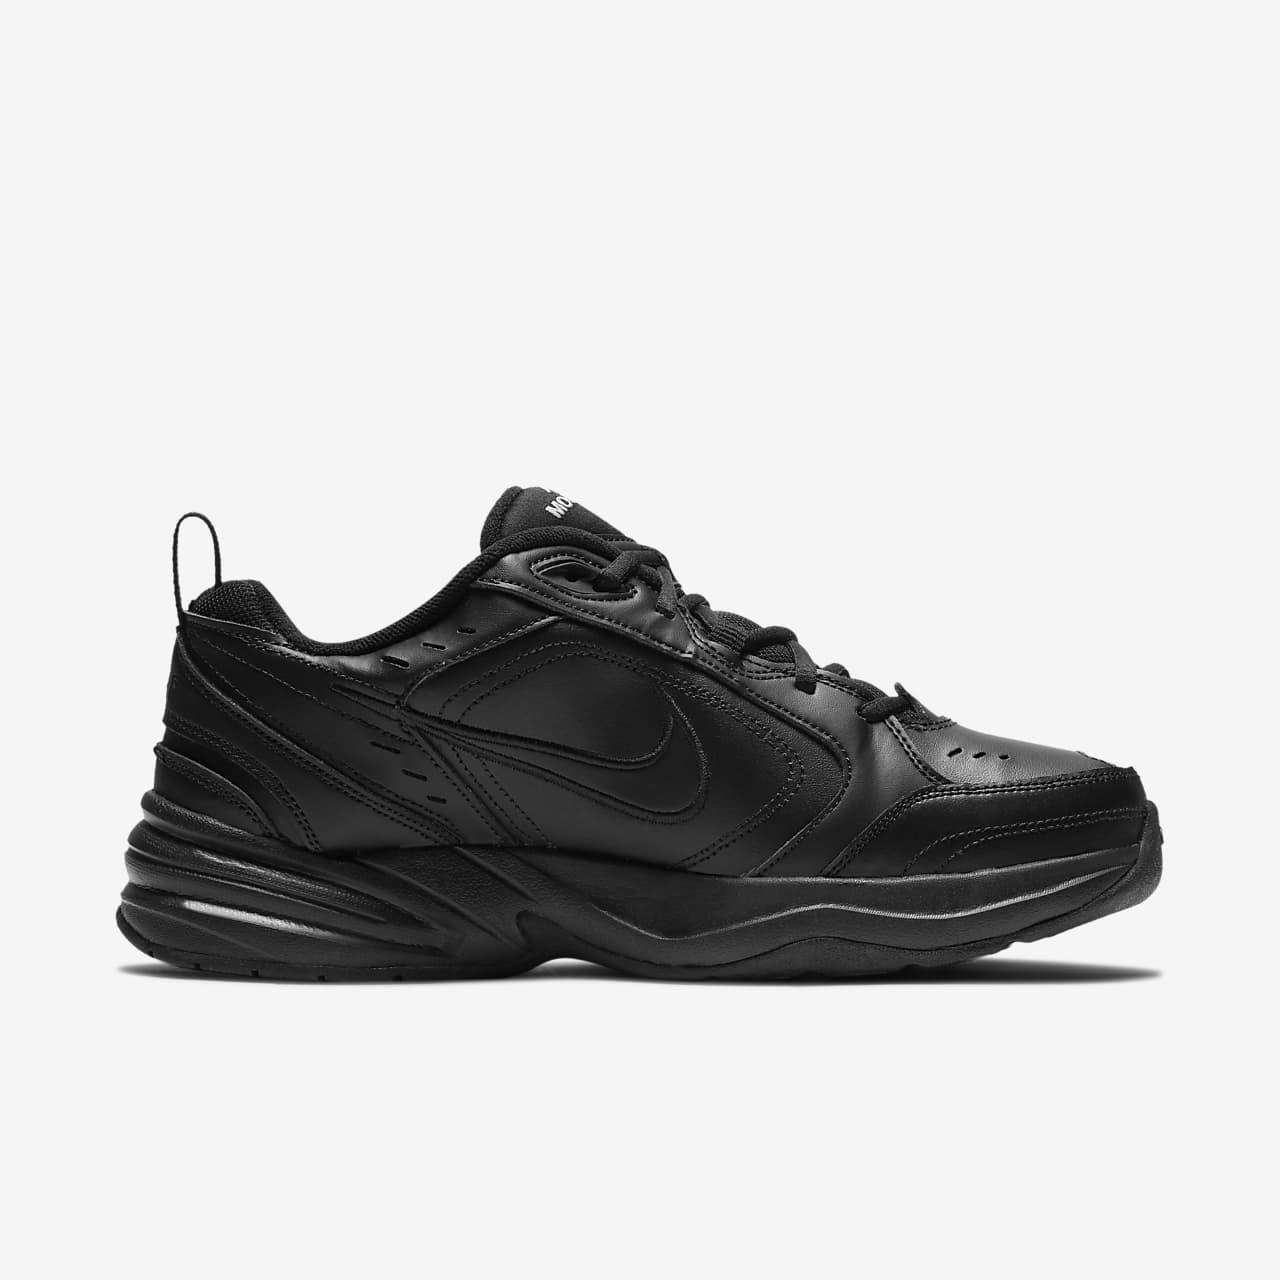 Кроссовки для занятий в залена каждый день Nike Air Monarch IV